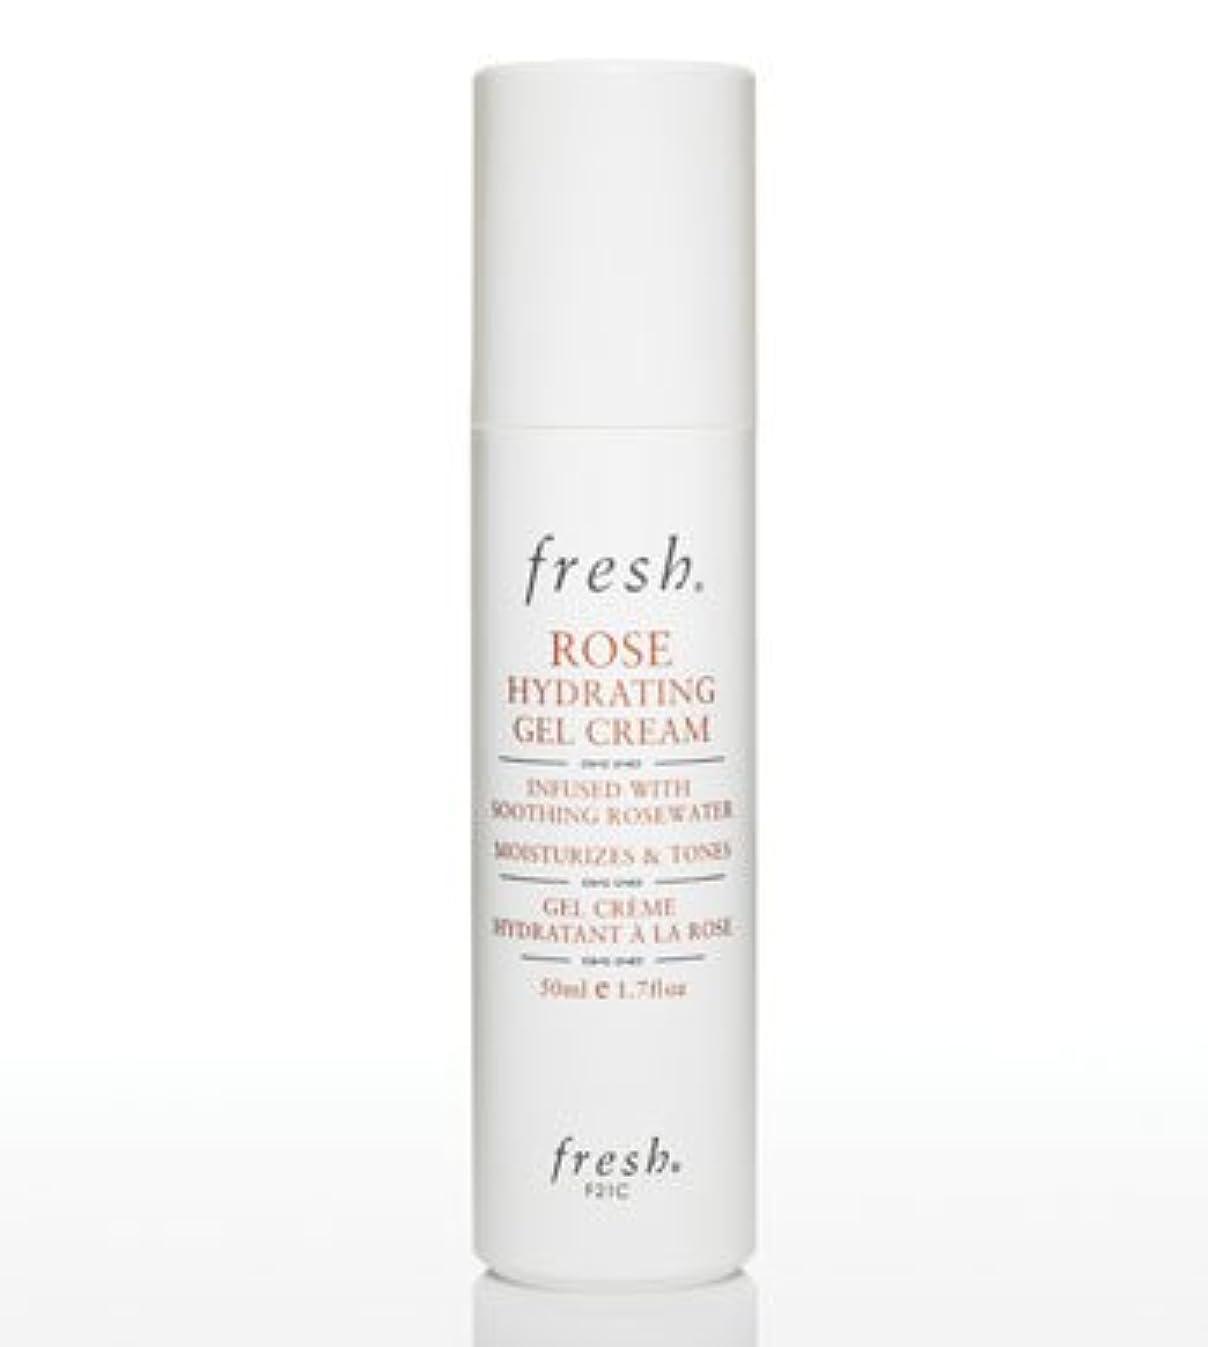 チョコレート女将水Fresh Rose Hydrating Gel Cream (フレッシュ ローズ ハイドレイティング ジェル クリーム) 1.7 oz (50ml)